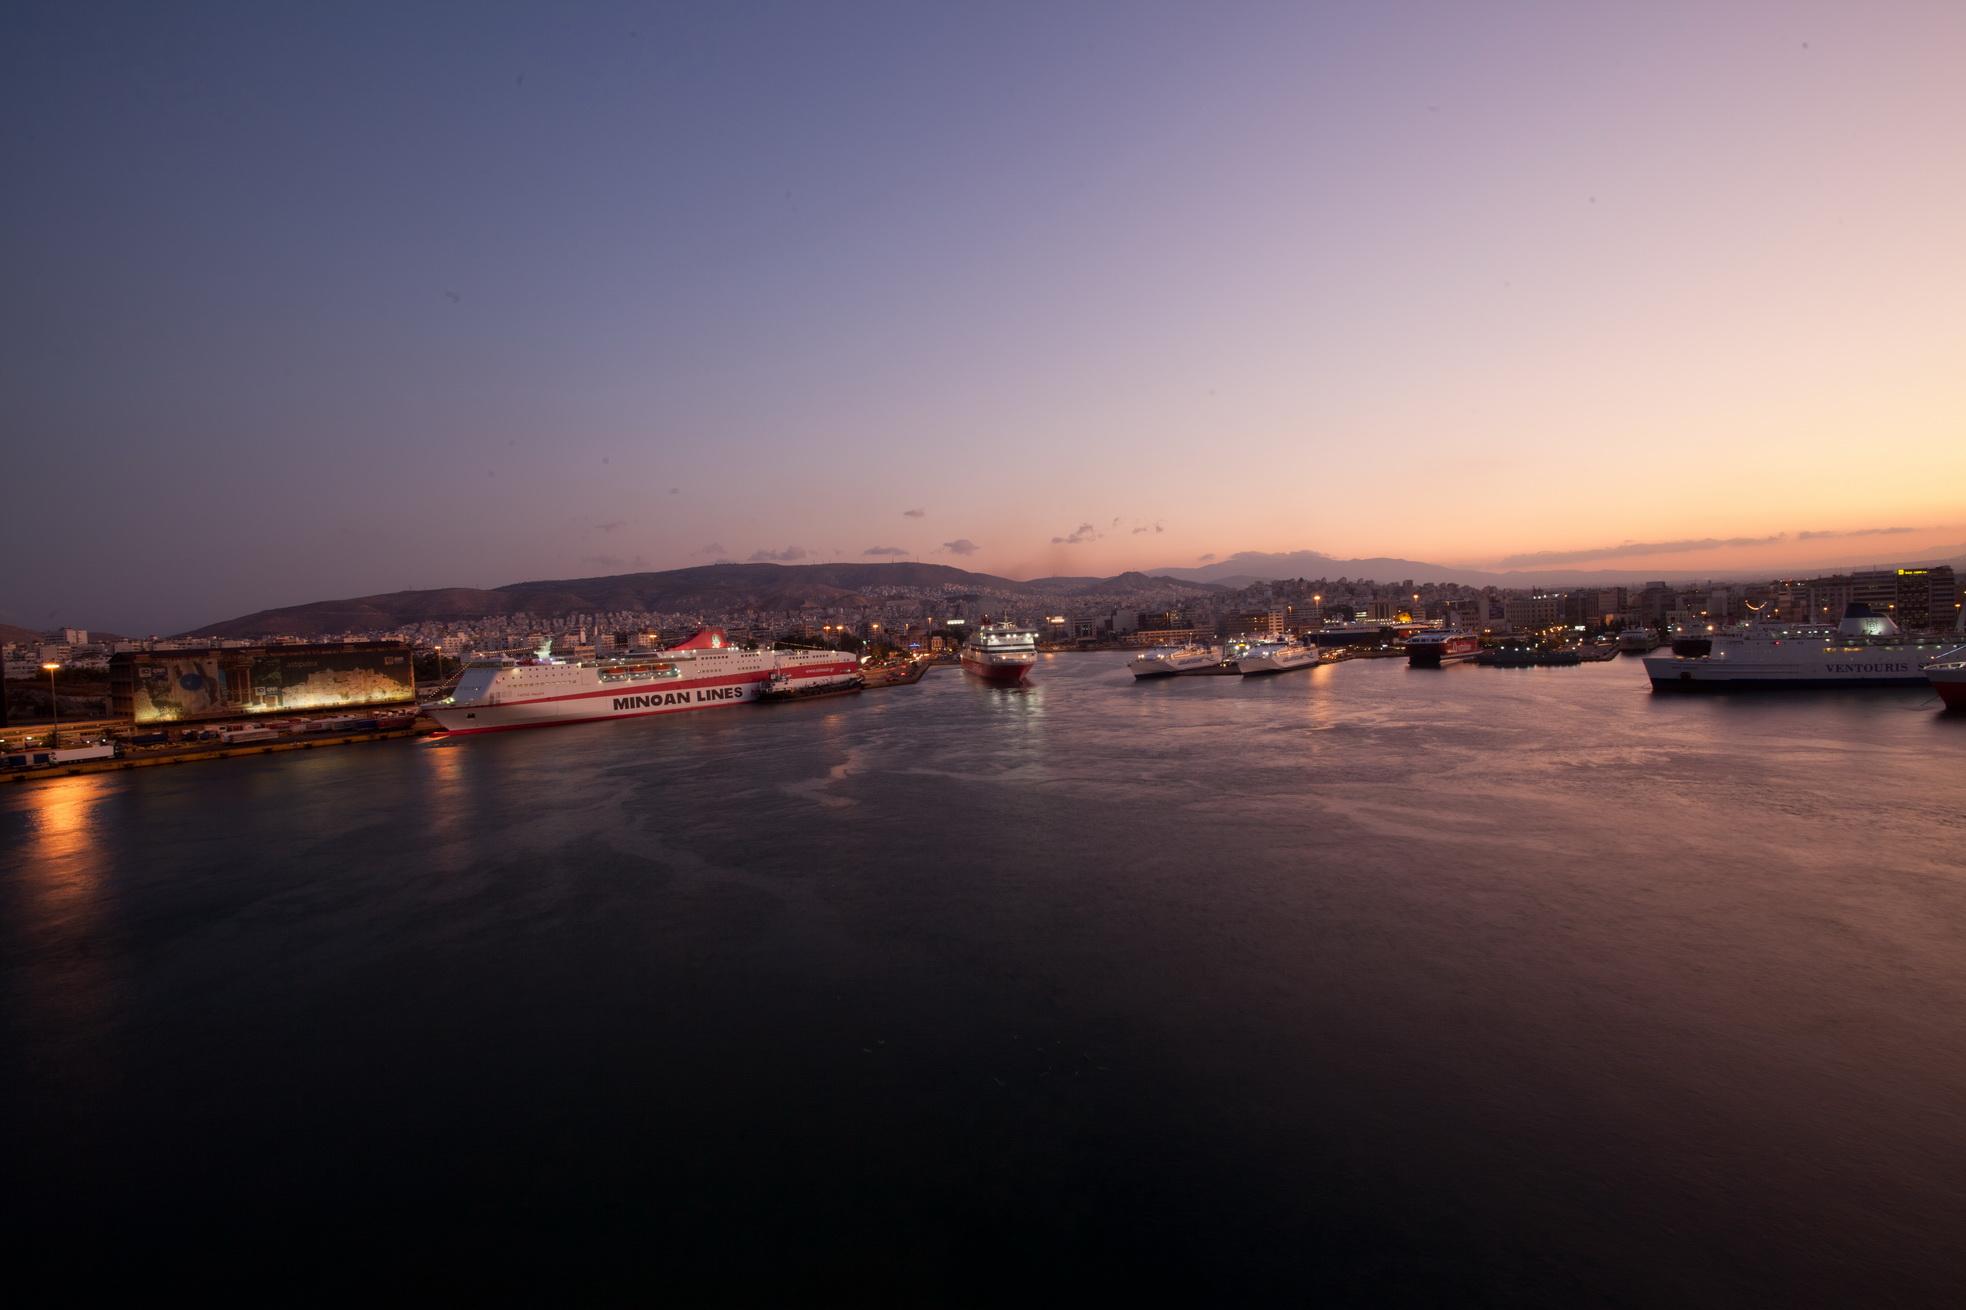 MS Festos Palace IMO 9204568 Minoan Lines docked Piraeus Port of Athens Greece 01